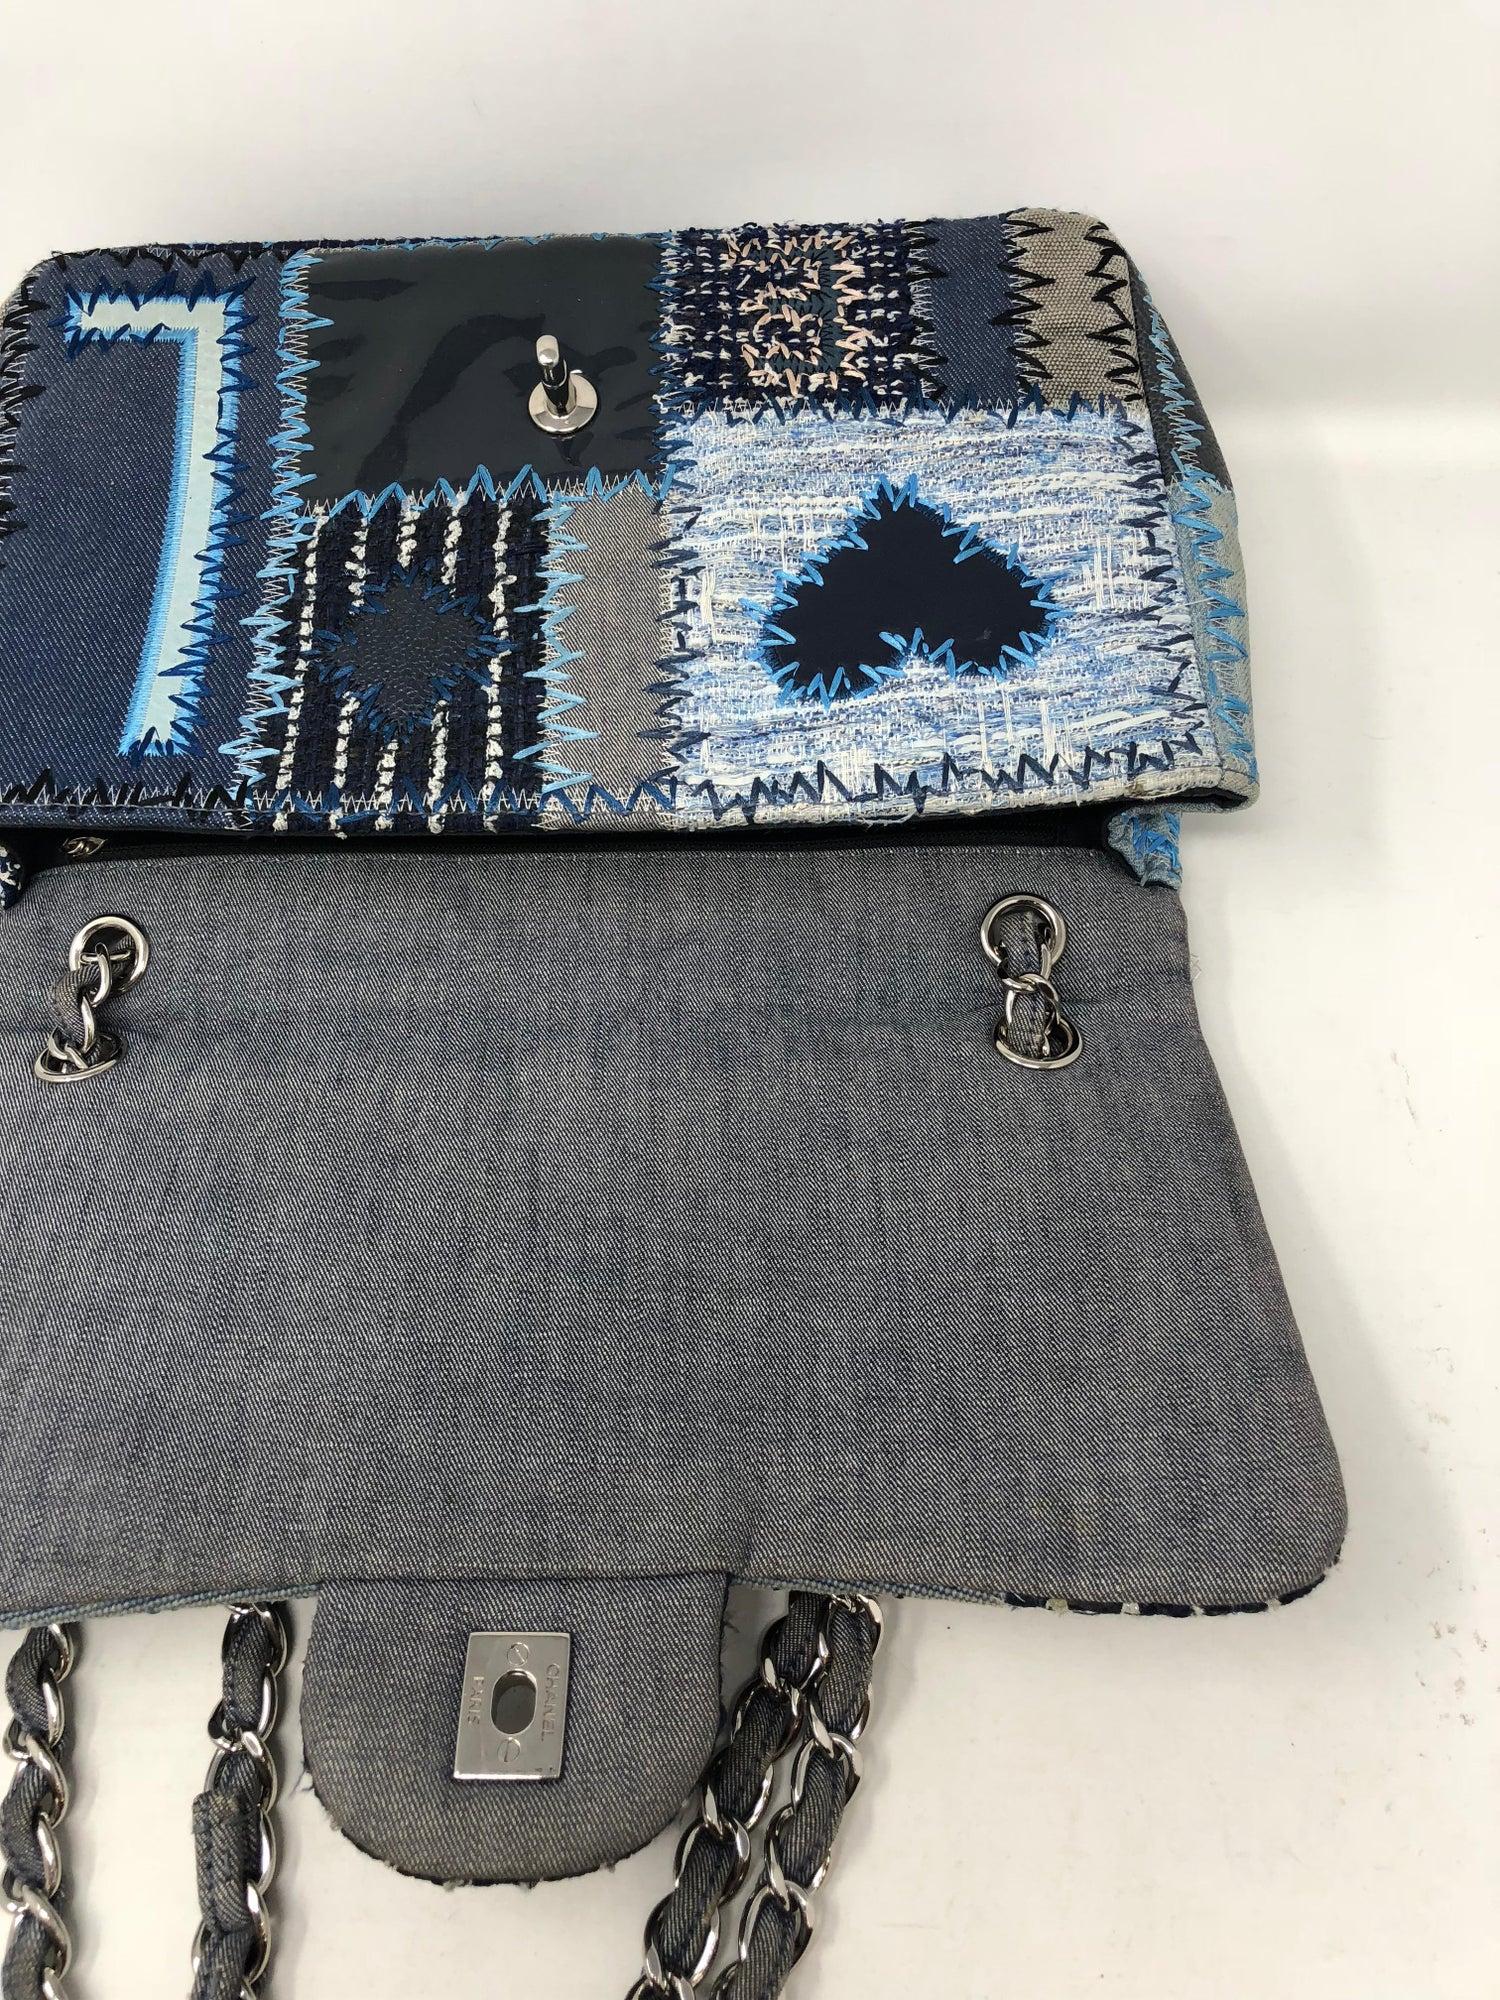 09d16f634e86 Chanel Denim Patchwork Bag at 1stdibs